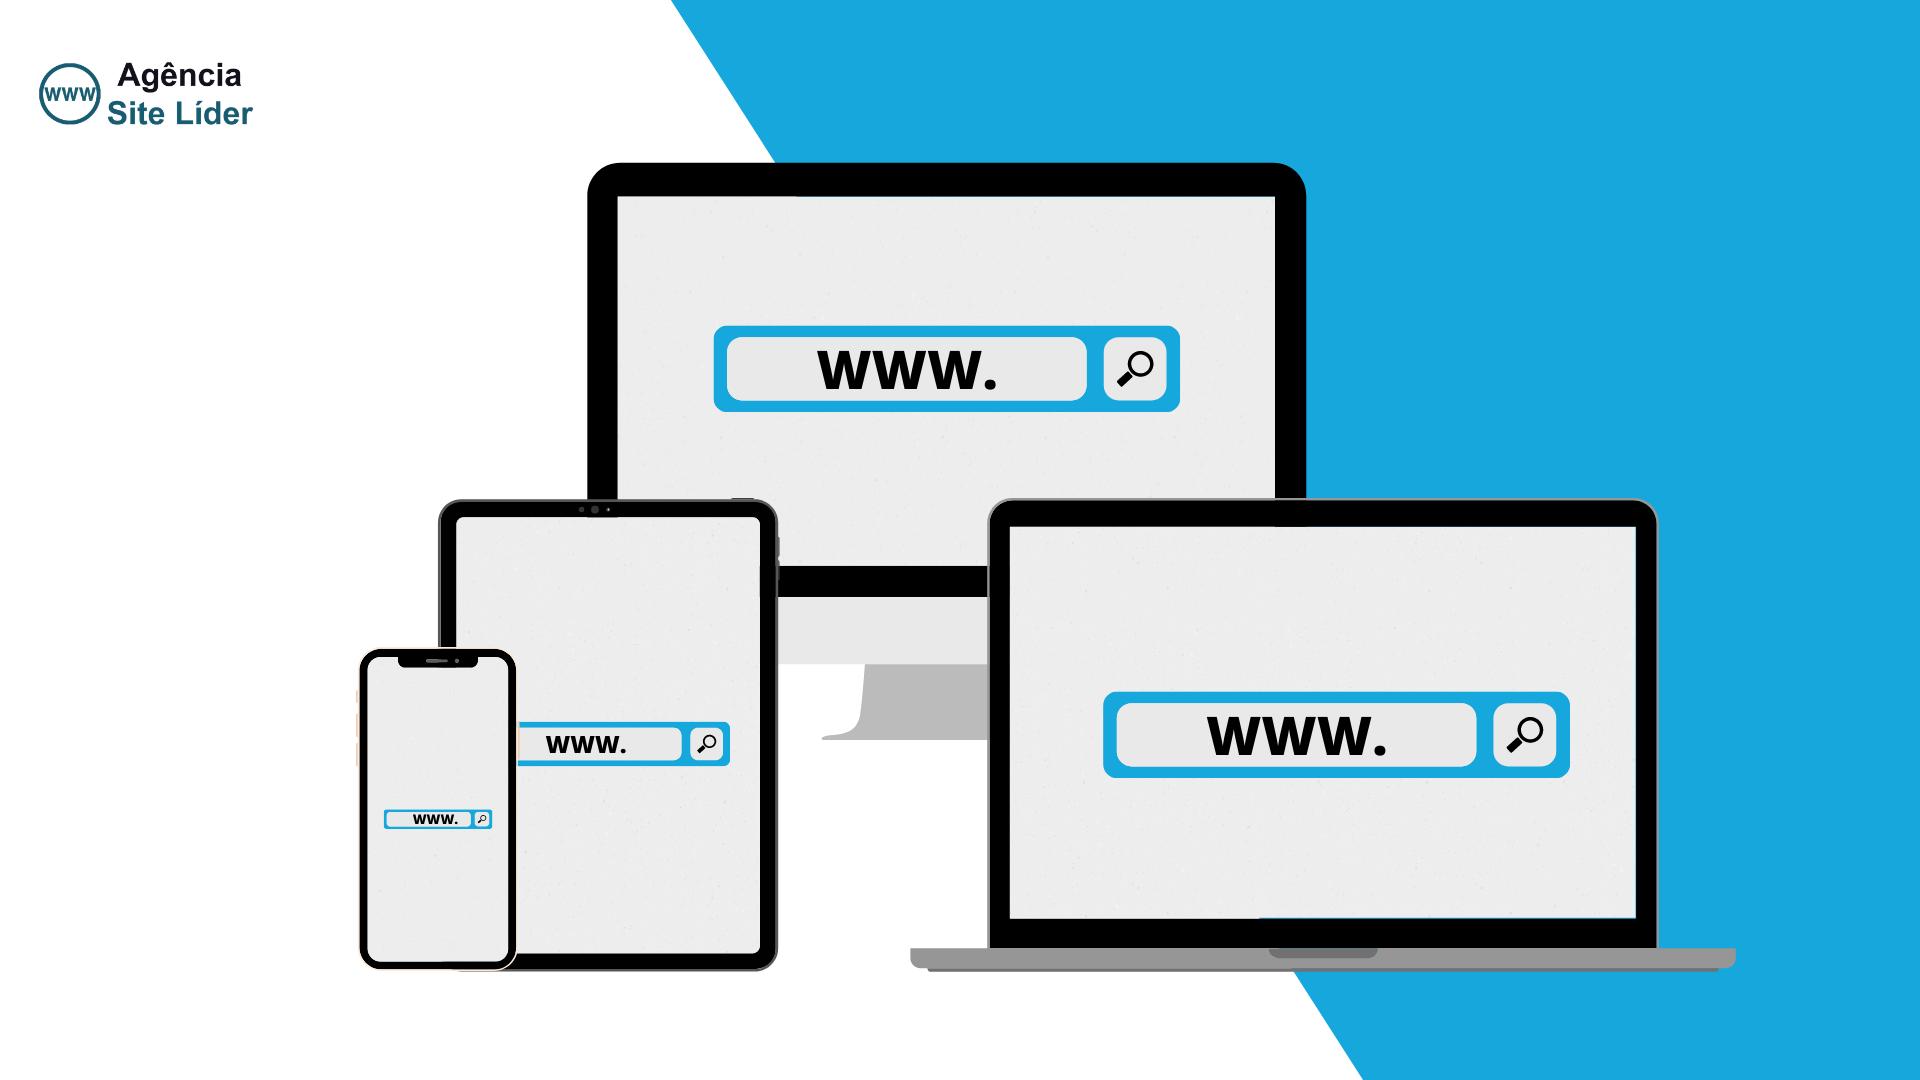 Como escolher o domínio para meu site